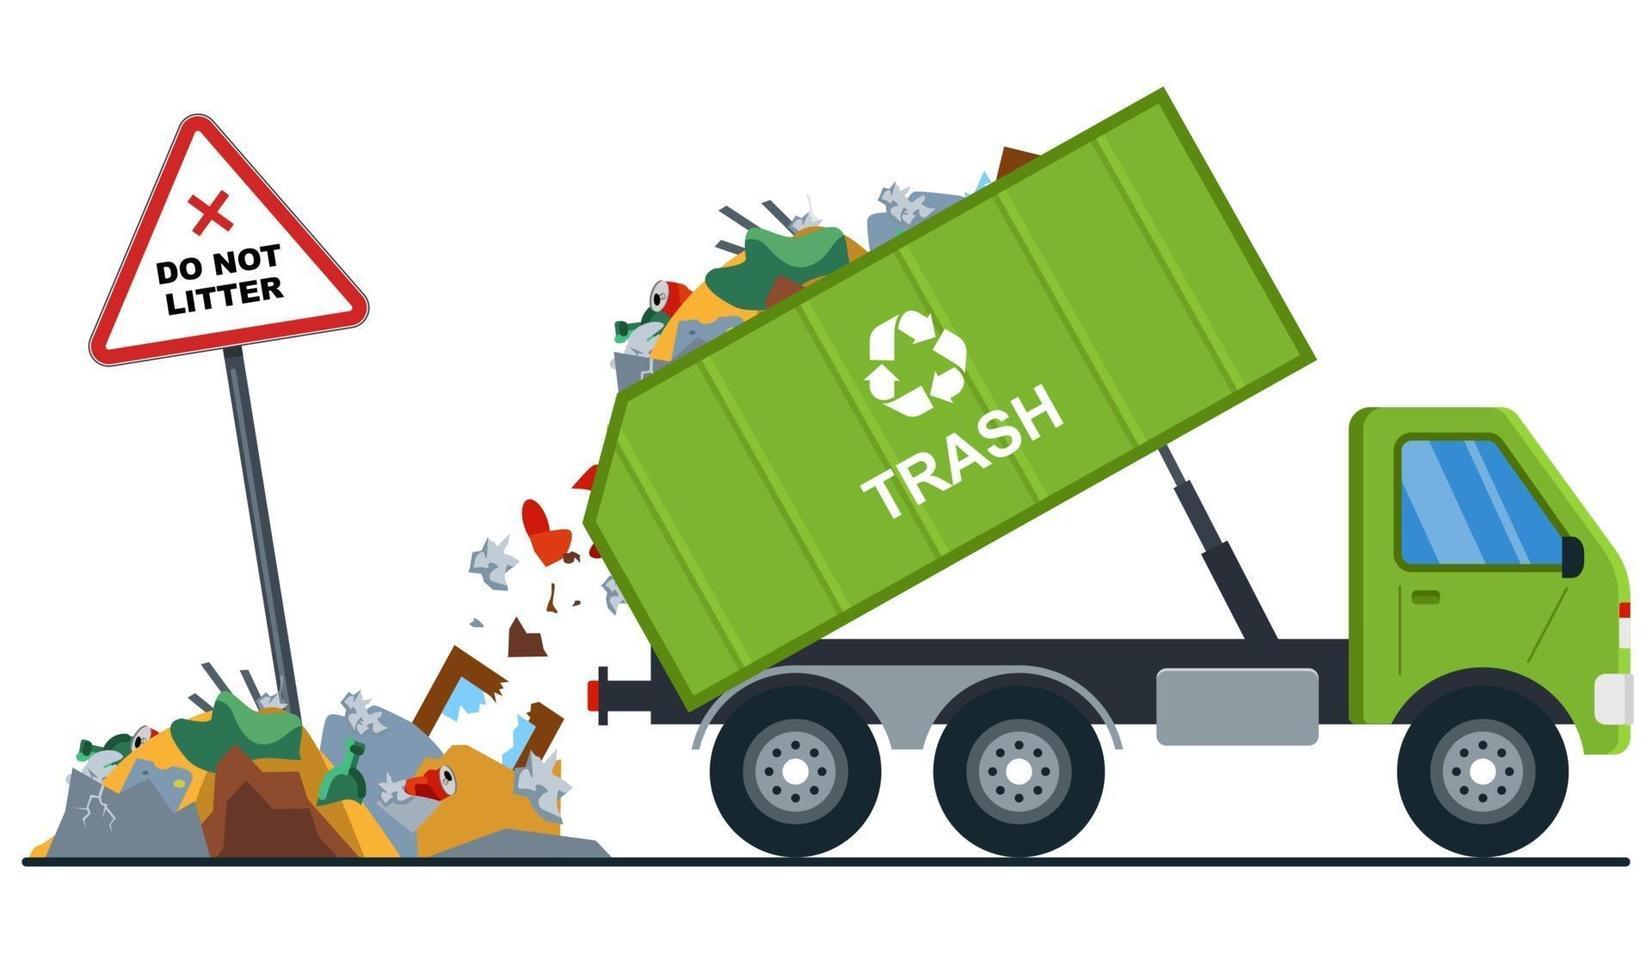 il camion getta la spazzatura nel posto sbagliato. inquinamento della natura. illustrazione vettoriale piatta